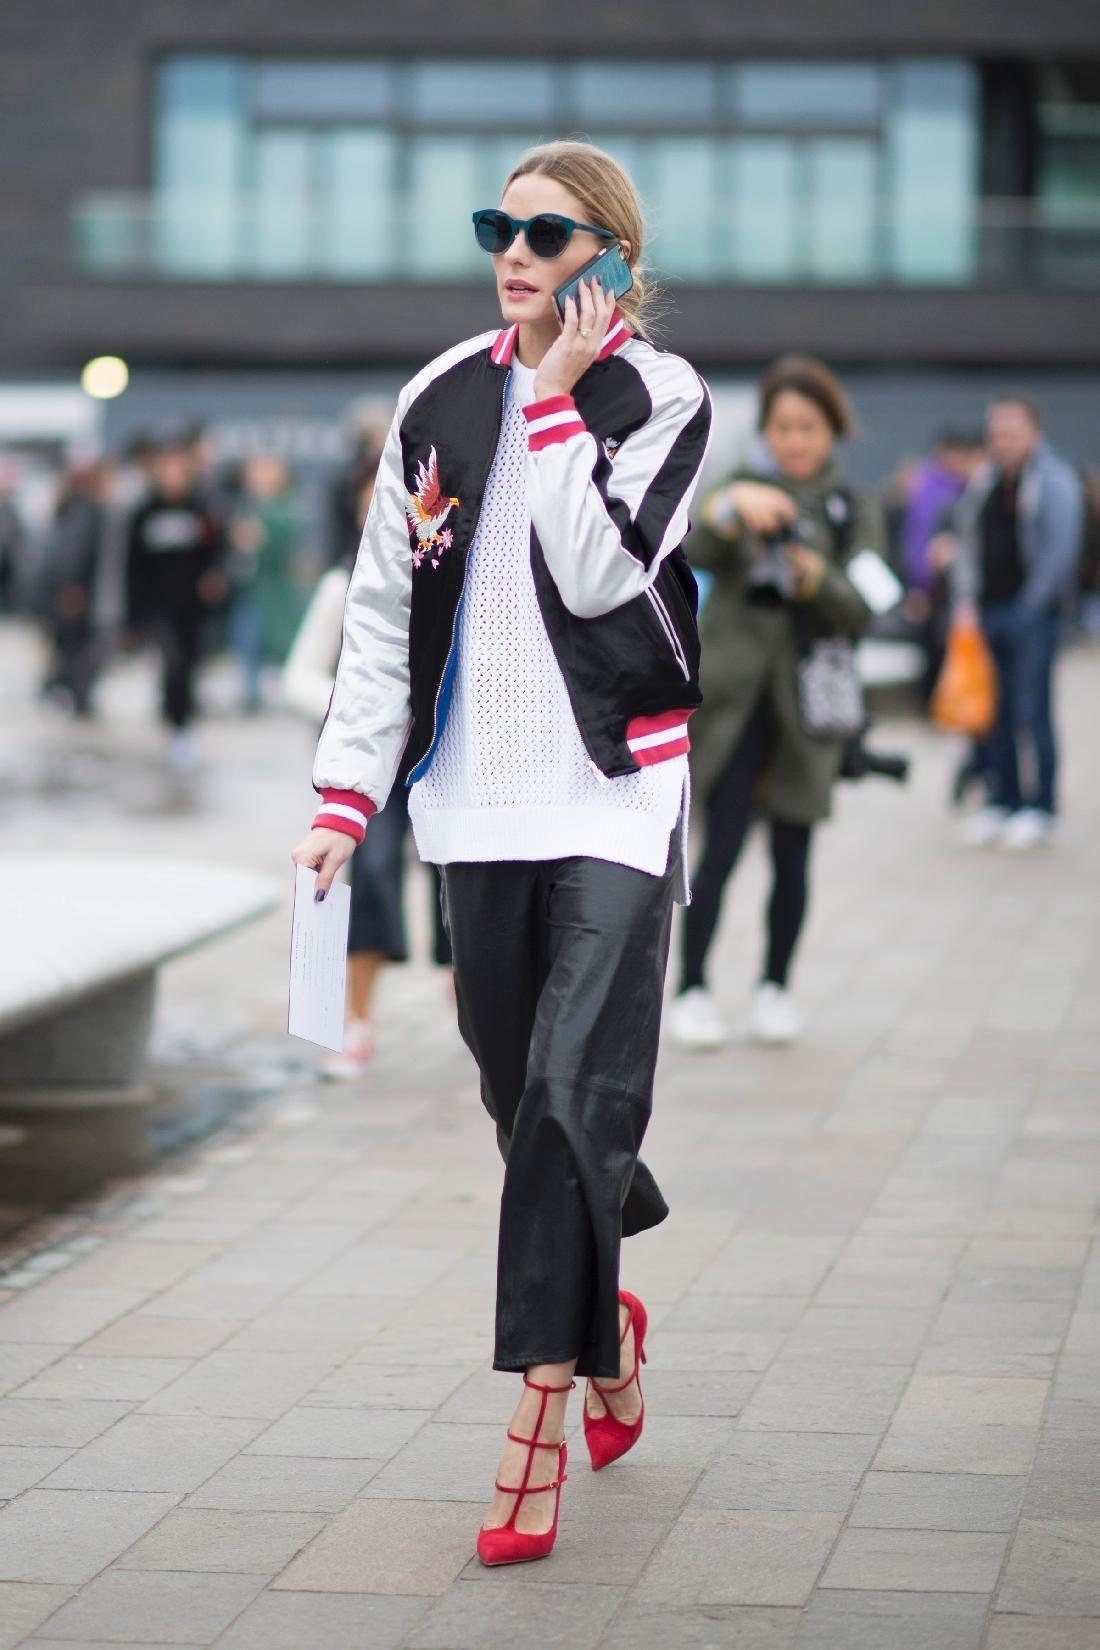 <p>La reina del street style <strong>Olivia Palermo</strong> se encarga de llevar la chaqueta estrella: la Bomber. La it girl apuesta por un modelo tricolor de <strong>Topshop</strong>&nbsp&#x3B;con dibujos.</p>